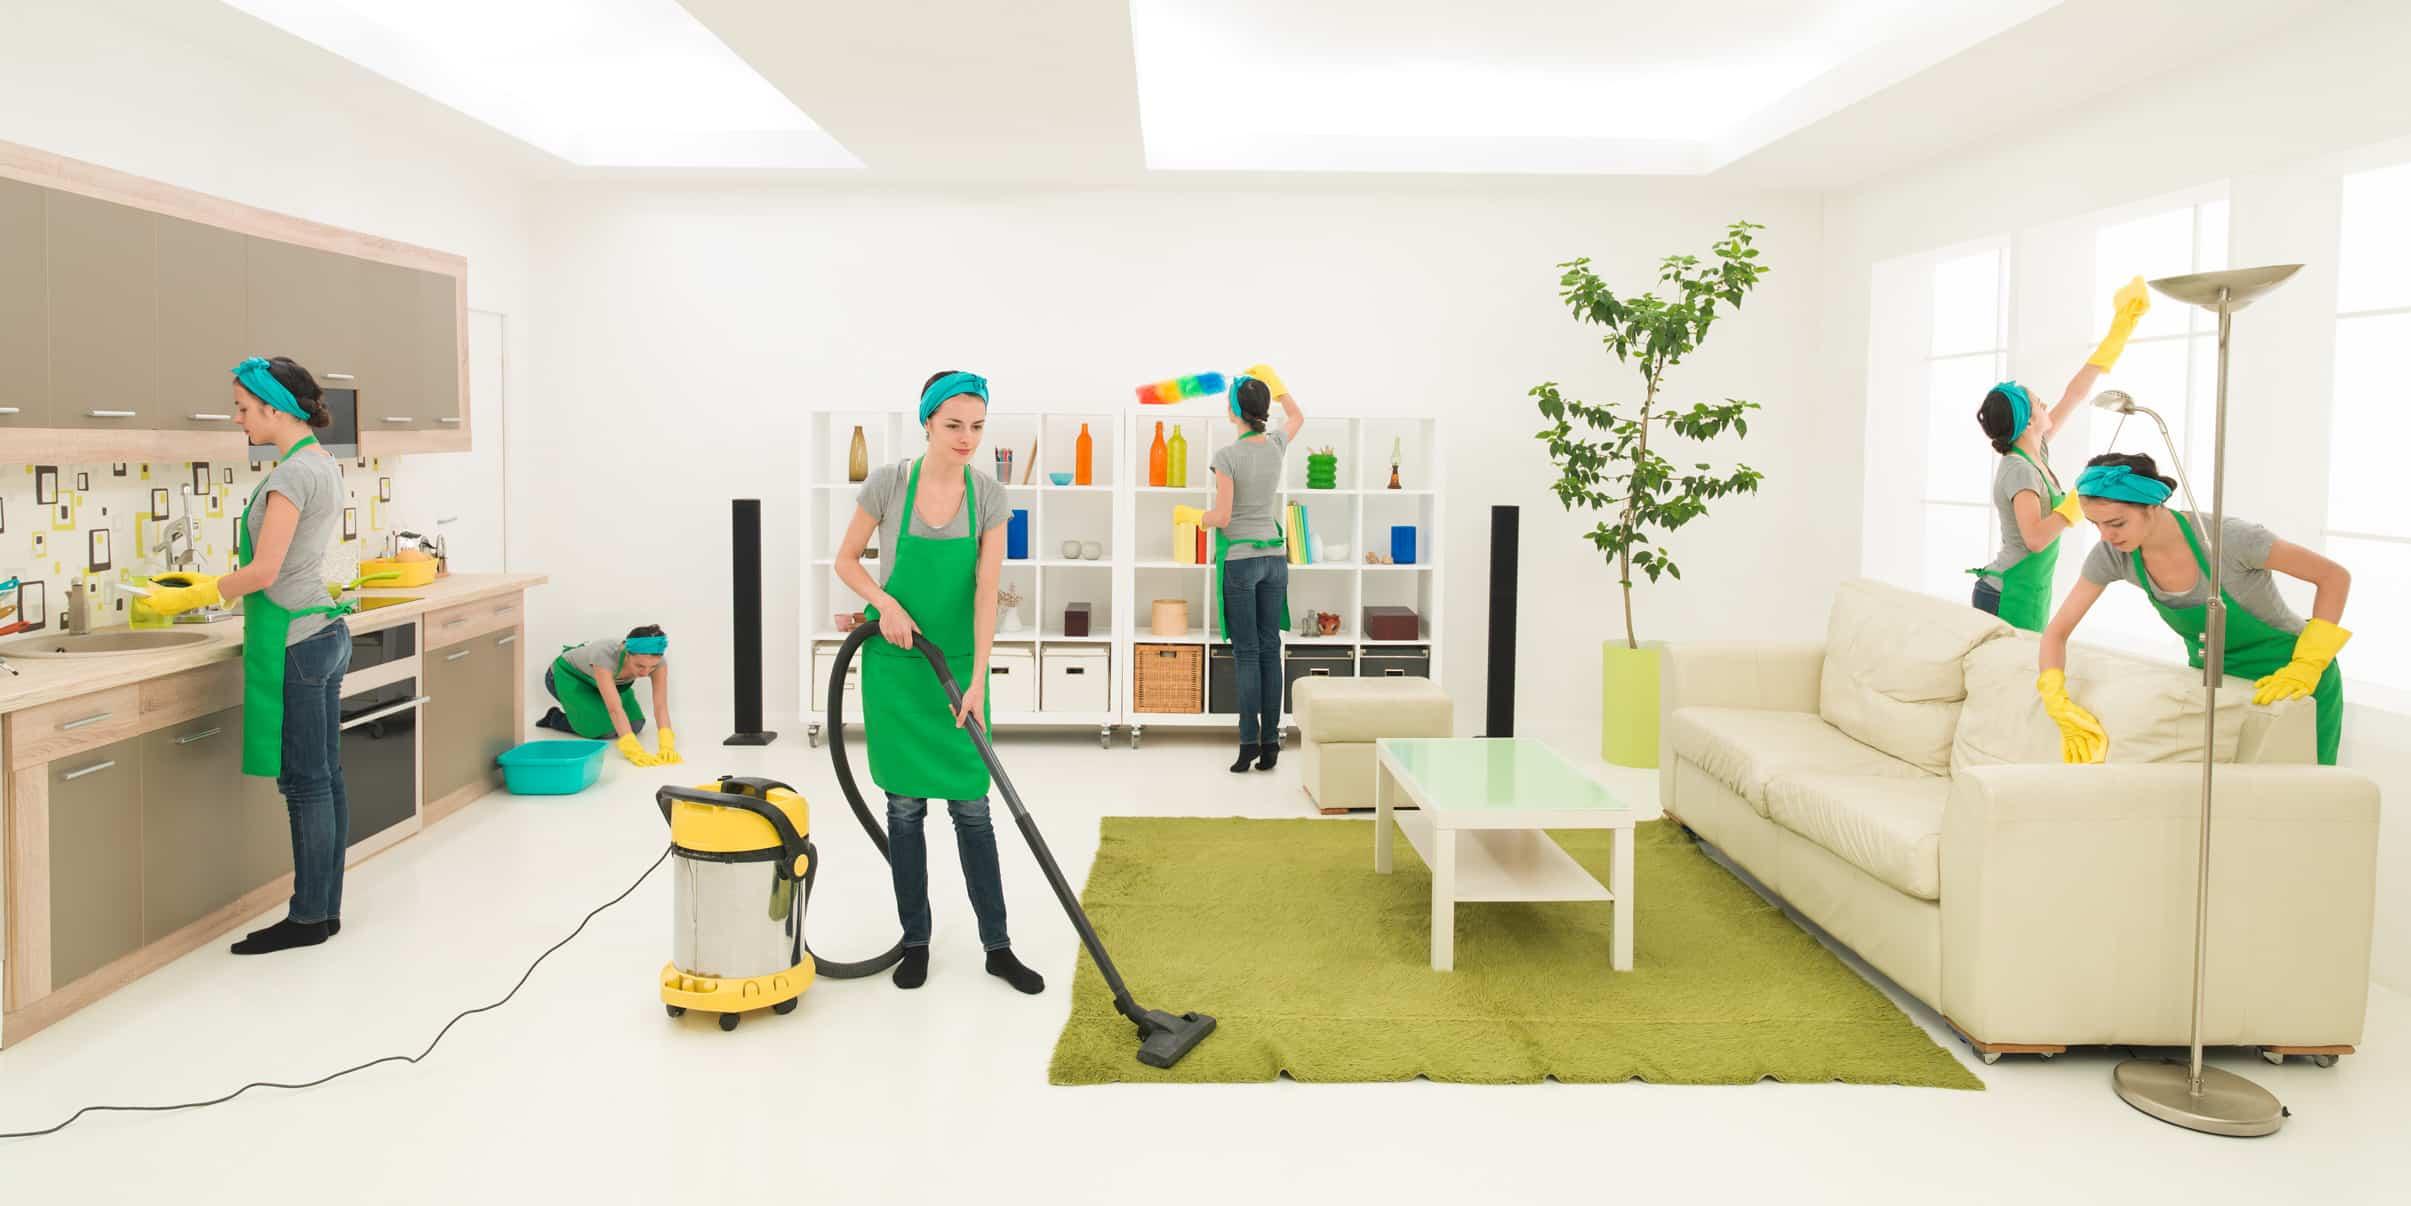 grand m nage gratuit remporter. Black Bedroom Furniture Sets. Home Design Ideas